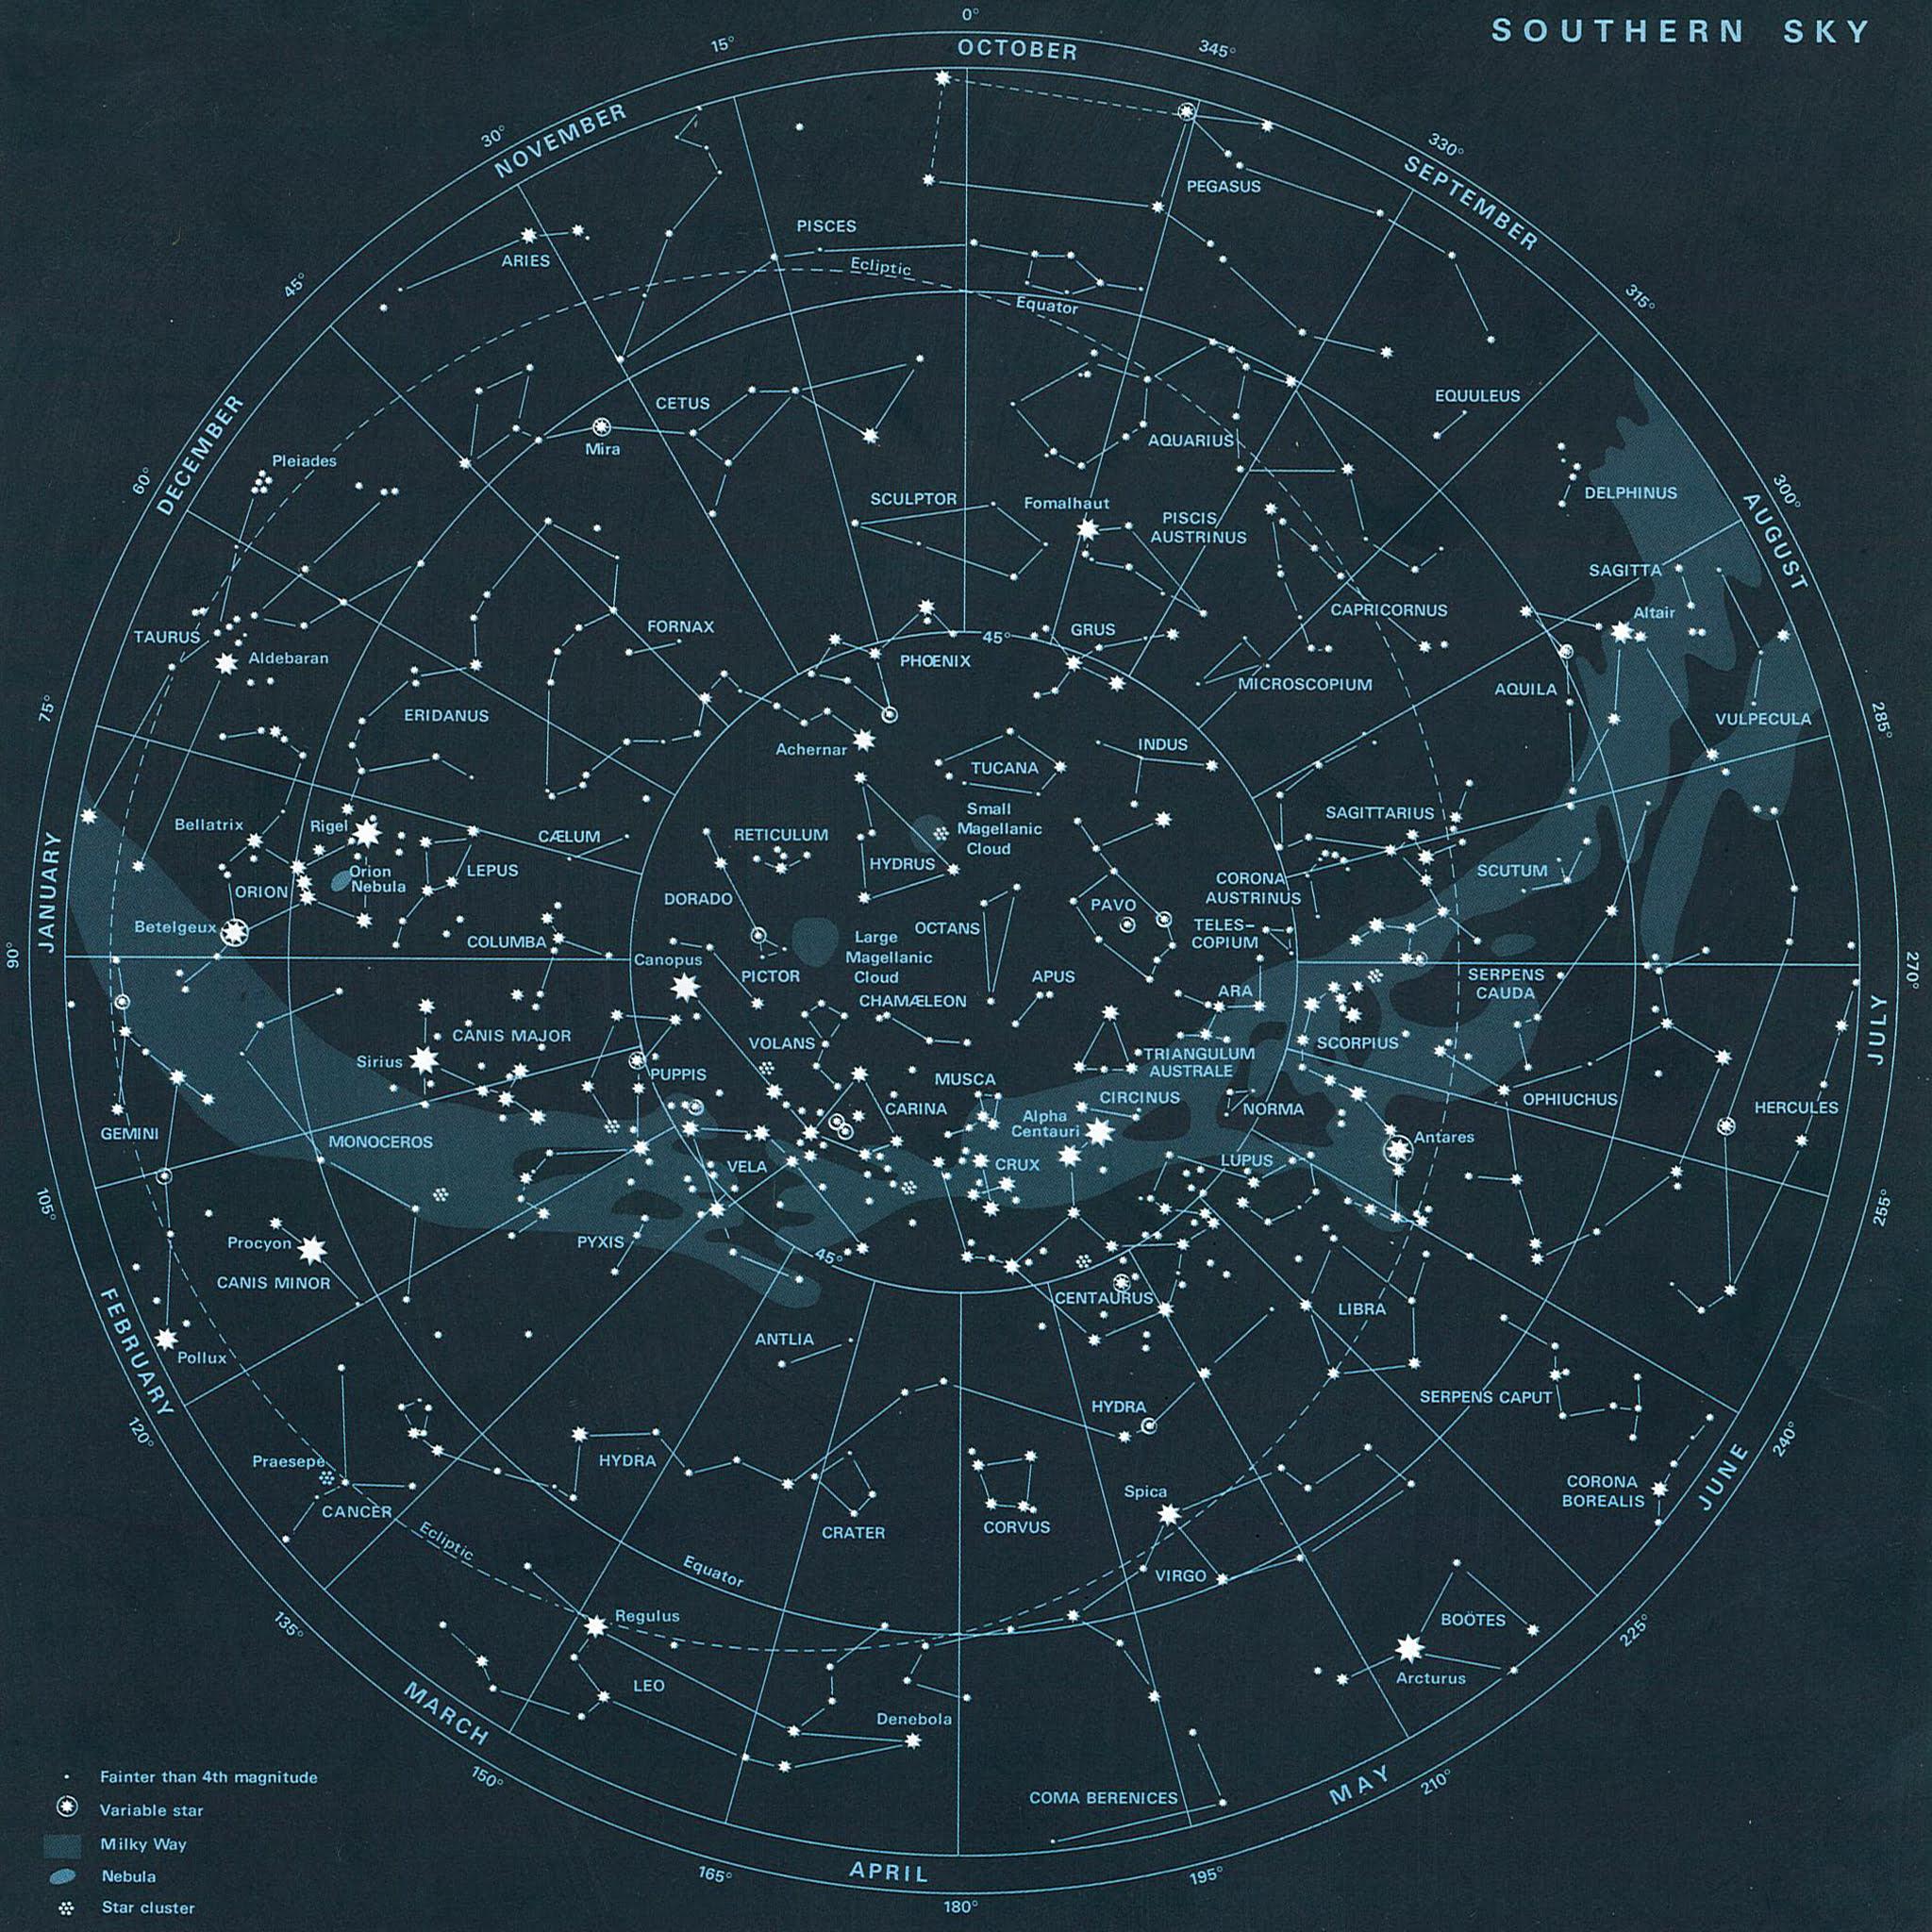 Southern-sky-star-map-vintage